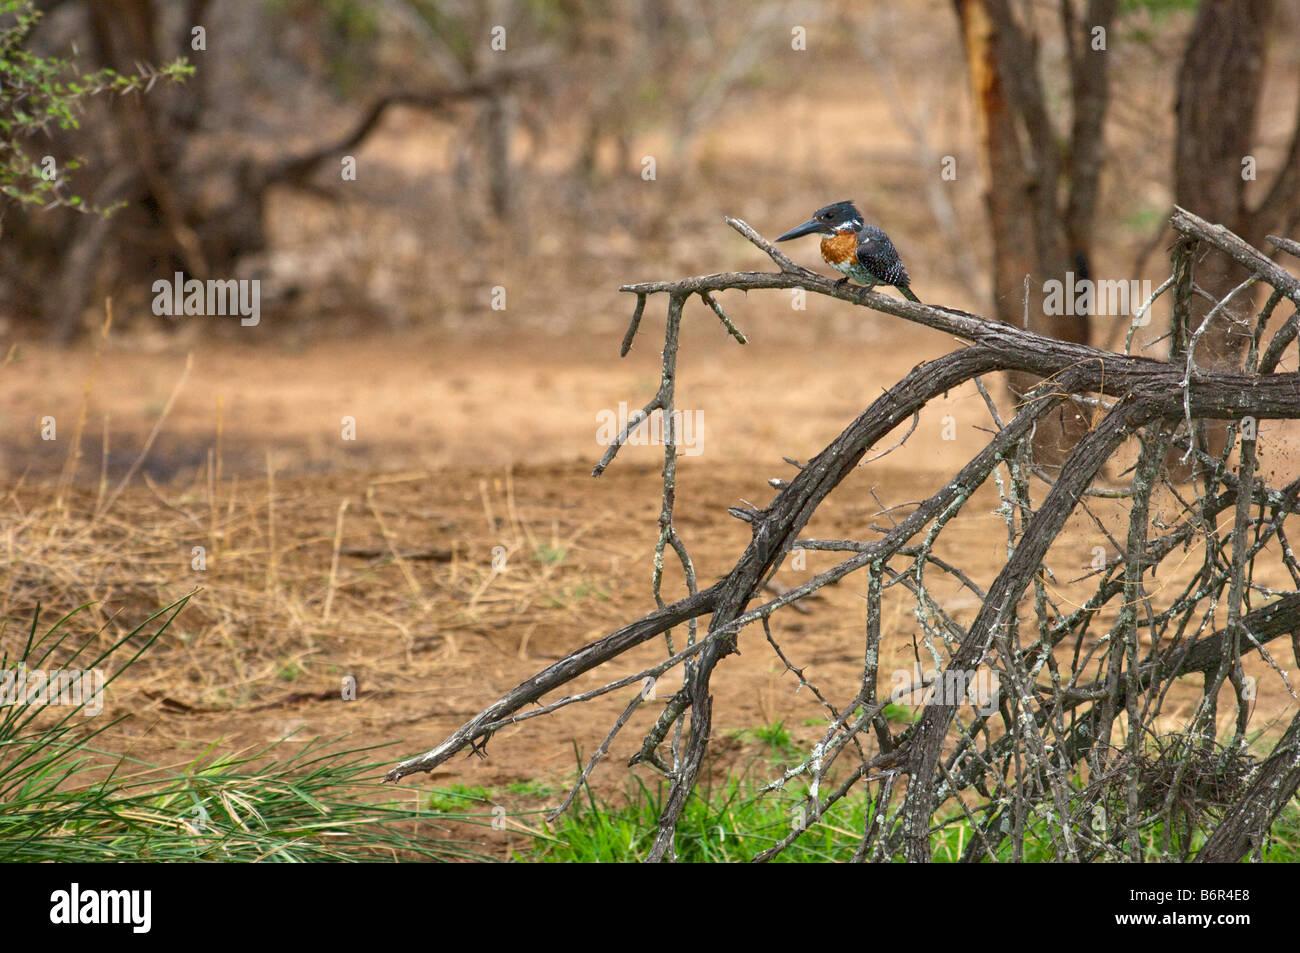 Sauvage de la faune africaine Kingfisher géant Megaceryle maxima ambiance points noirs blanc oiseau repéré Photo Stock